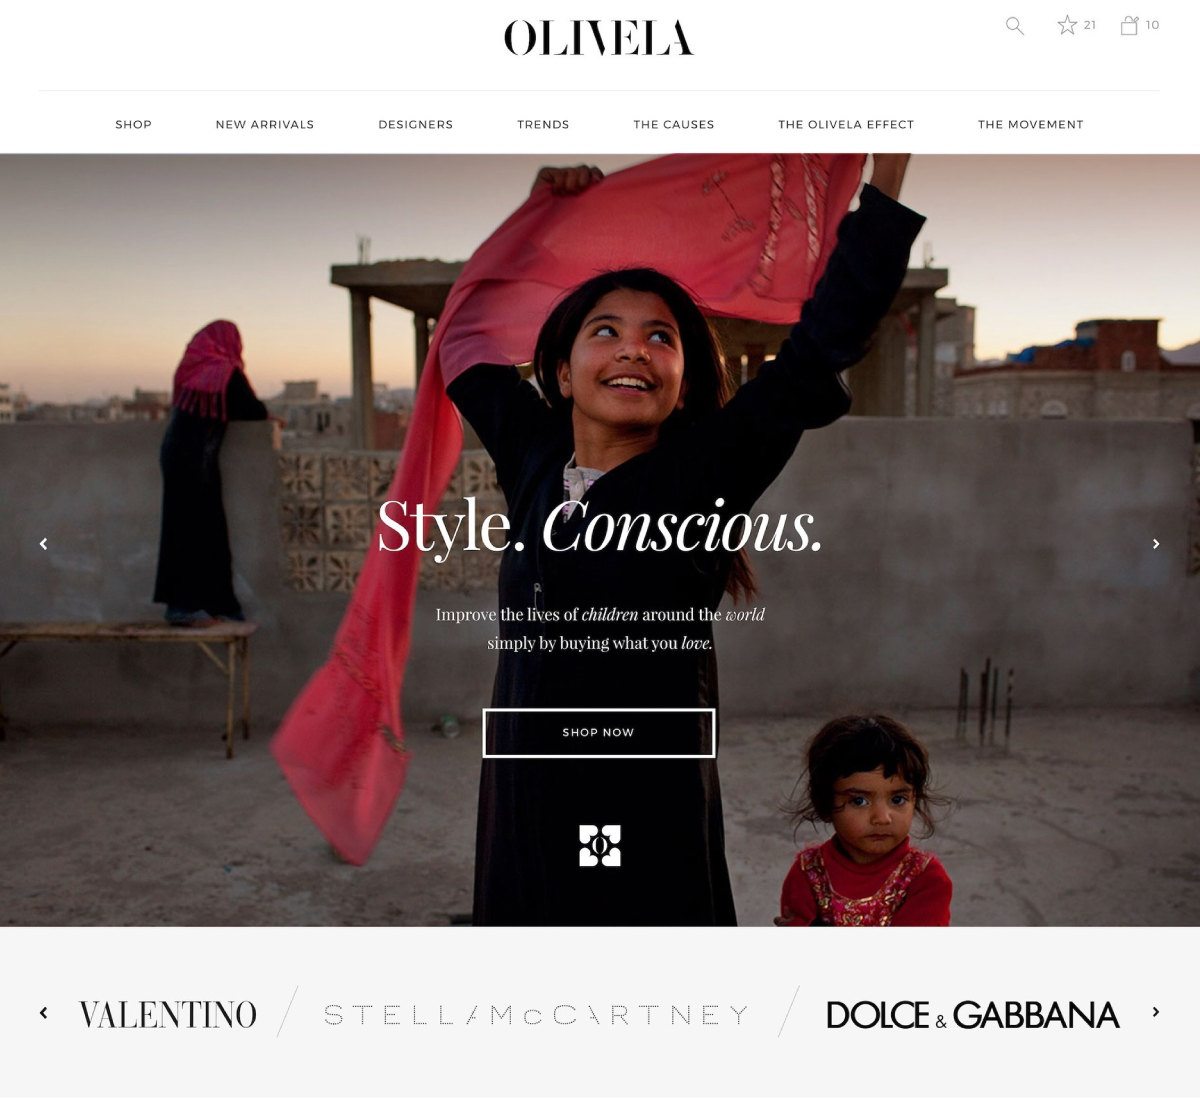 luxe digital philantropic luxury retail ecommerce olivela fashion